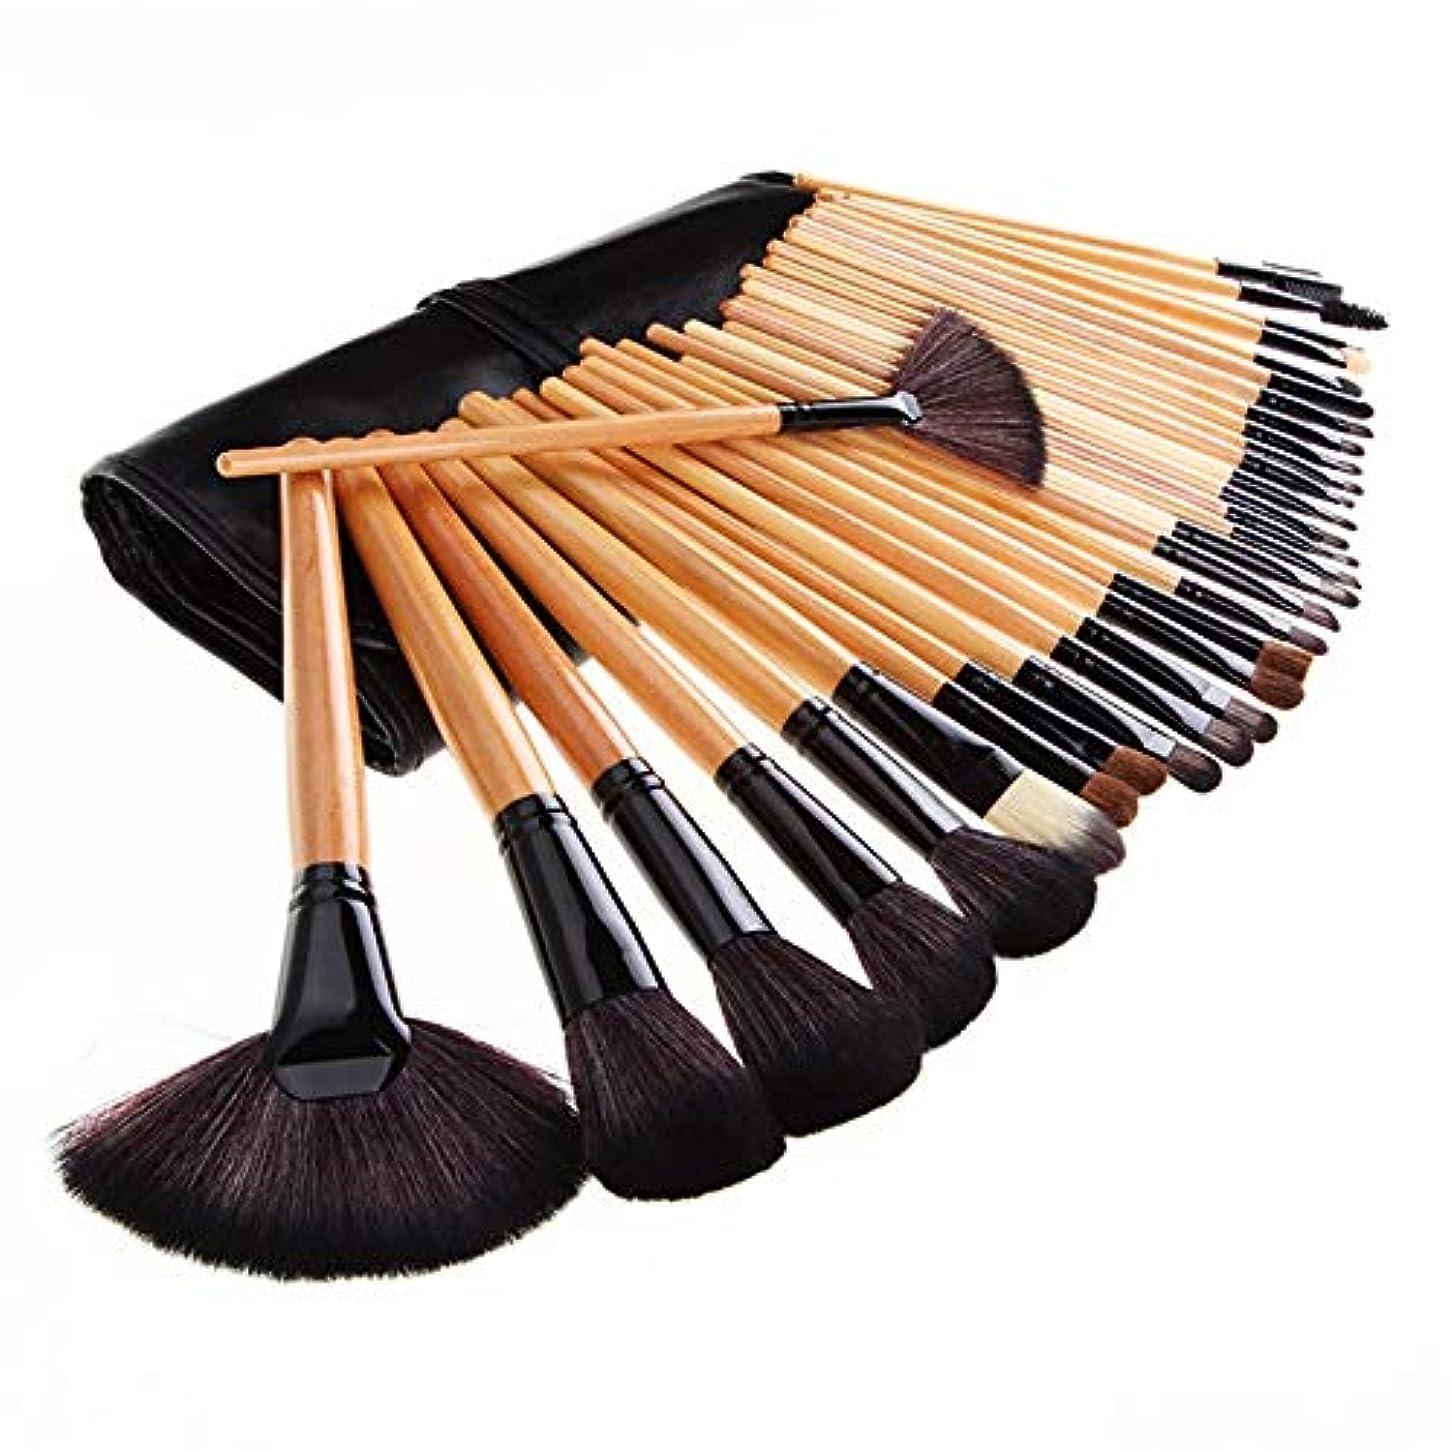 多様体思春期気分が悪いMakeup brushes メイクアップブラシ32メイクアップブラシバッグのセット全体のセットメイクアップブラシバッグフォトスタジオメイクアップツールのネイルセット suits (Color : Clear)